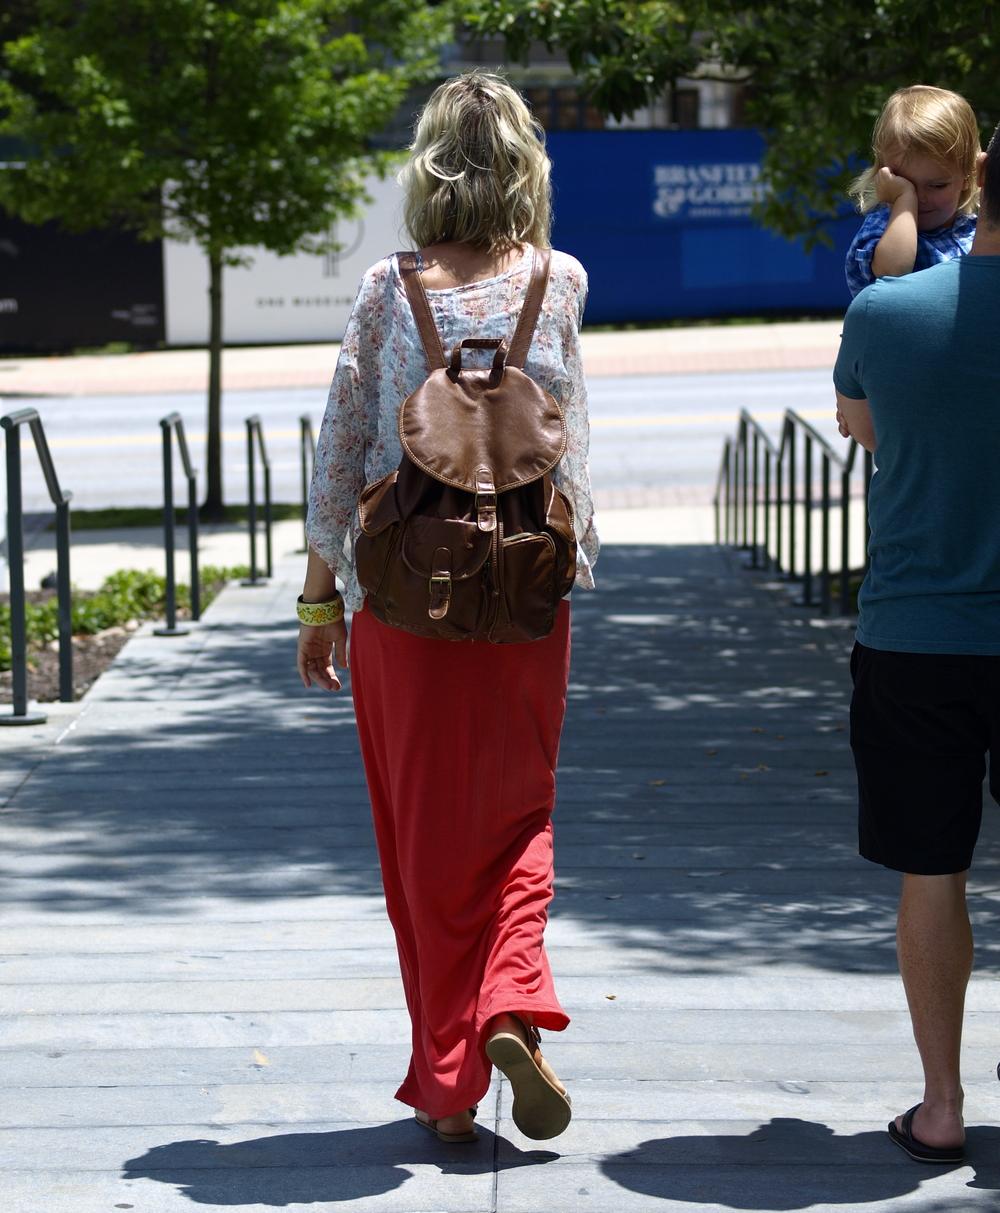 long-skirt.jpg